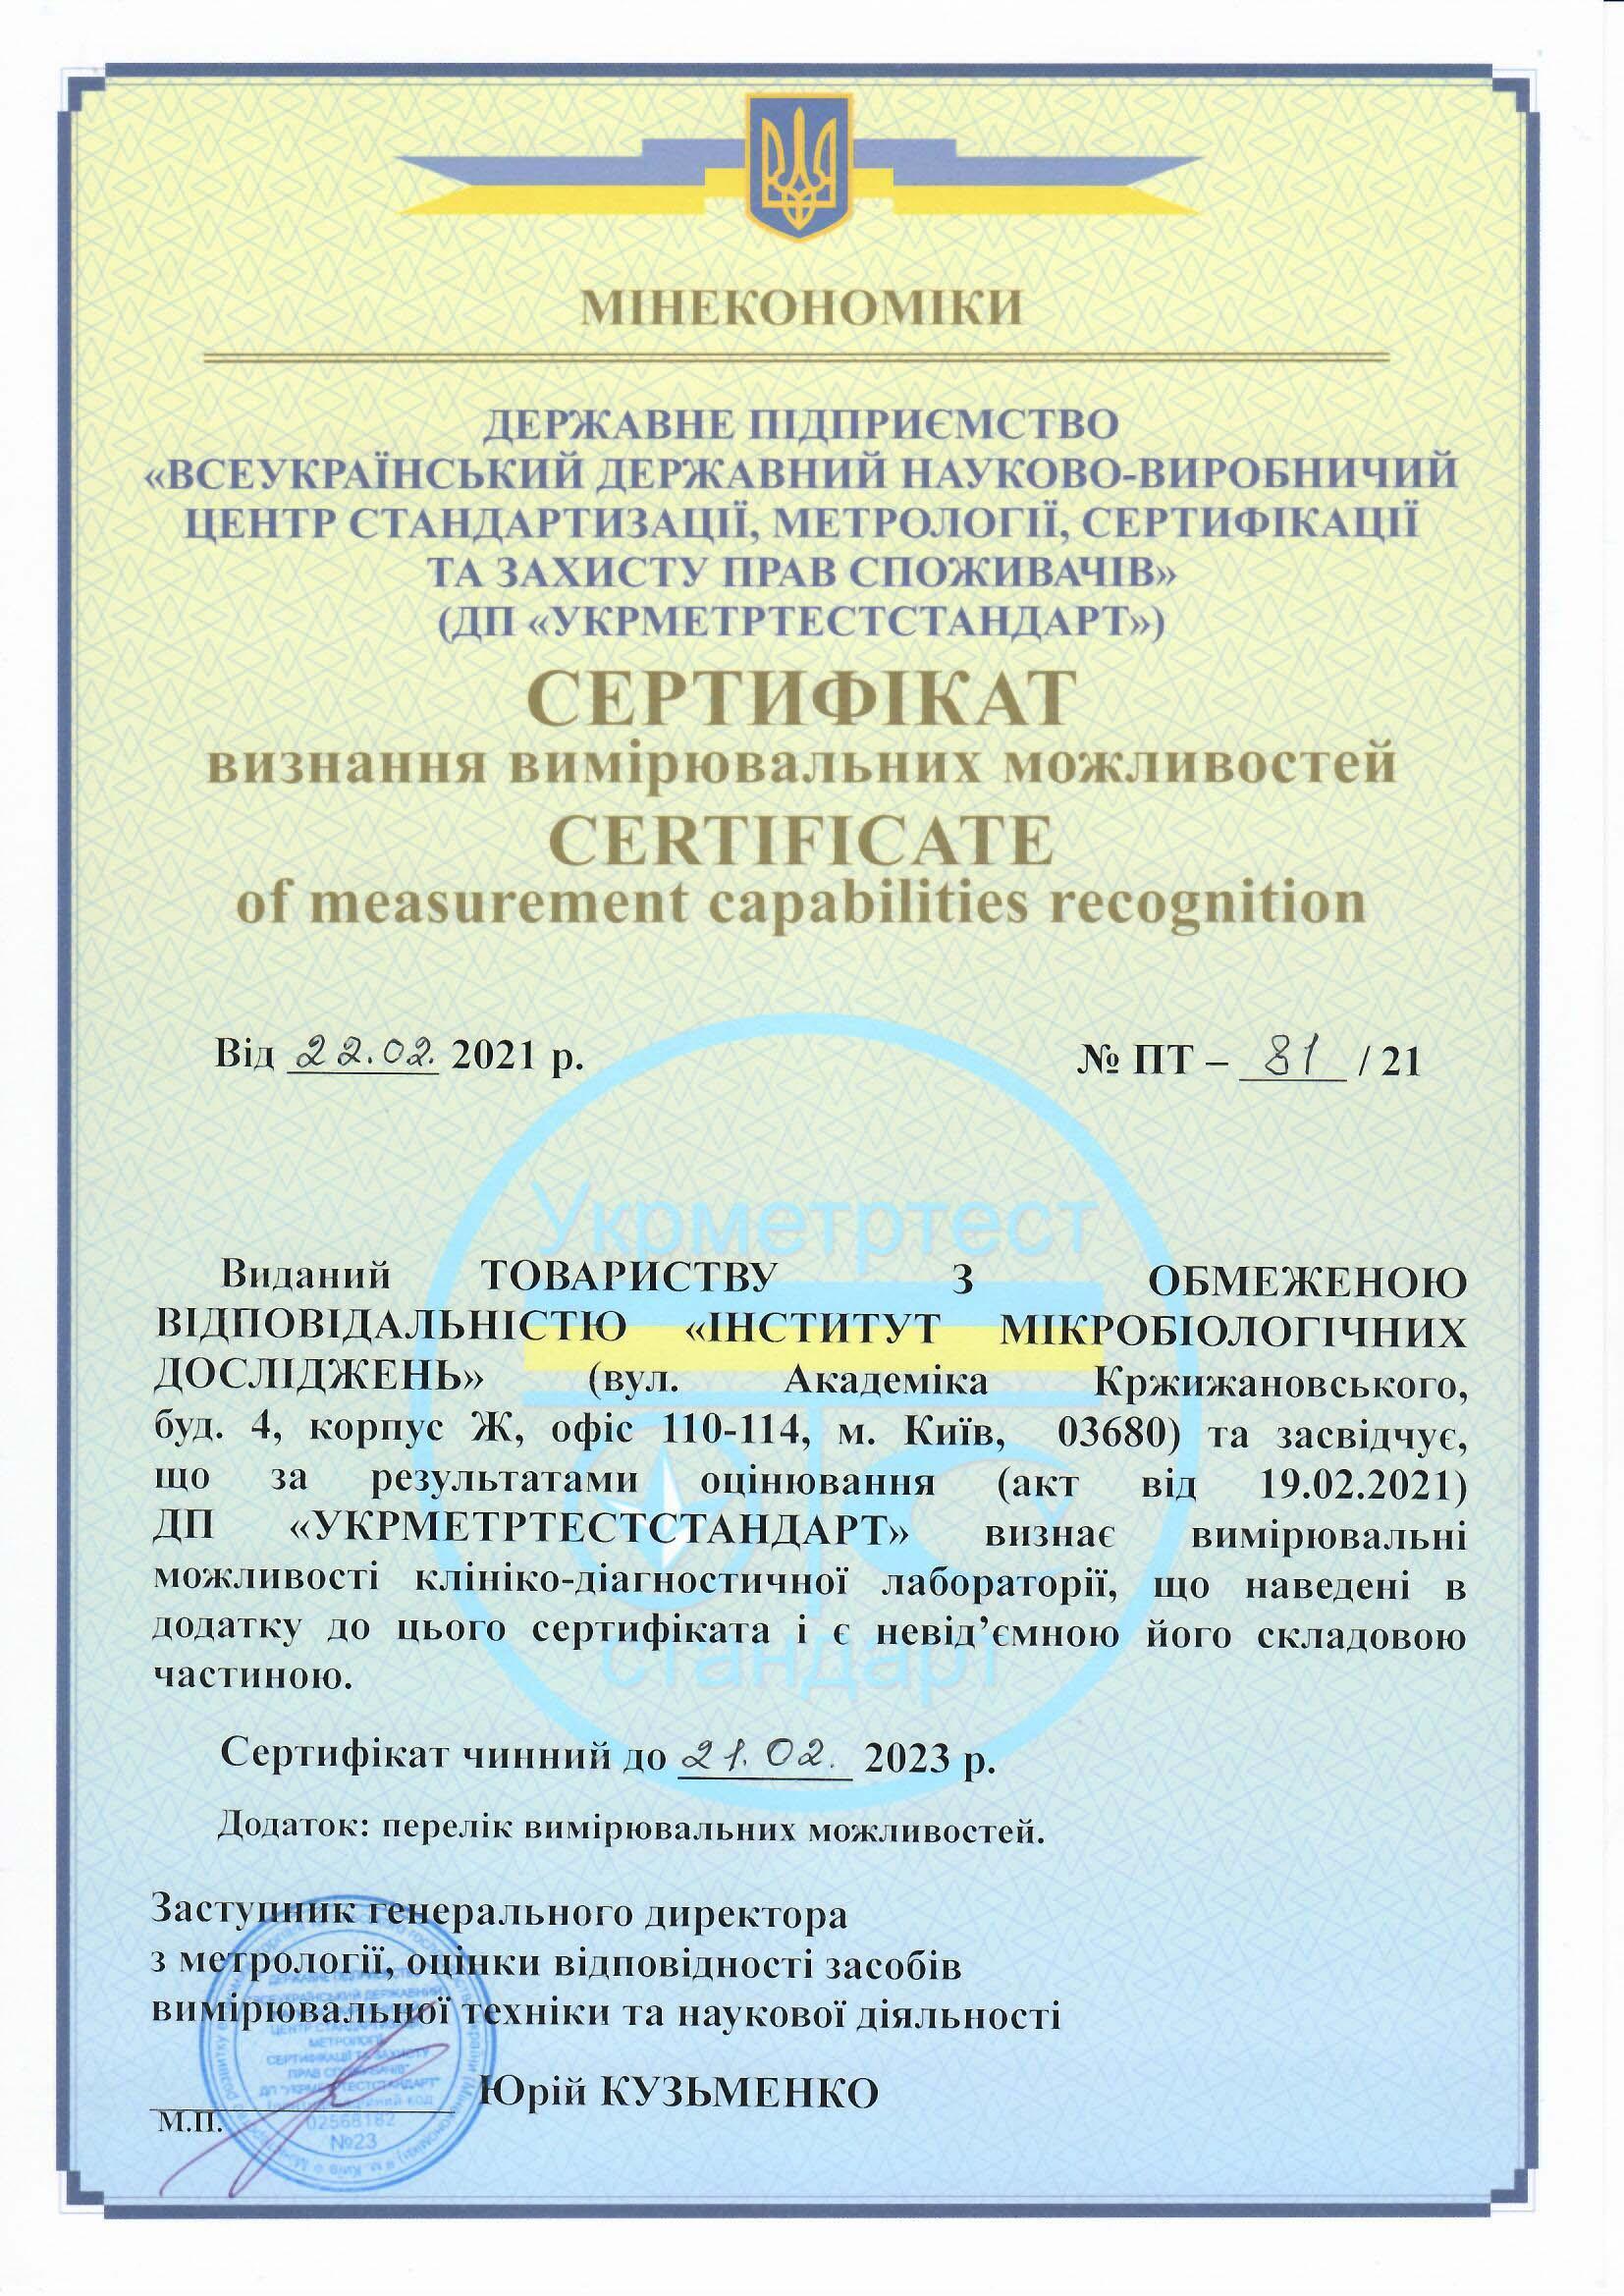 Сертифікат визнання вимірювальних можливостей №ПТ-81/21 від 22.02.2021р.